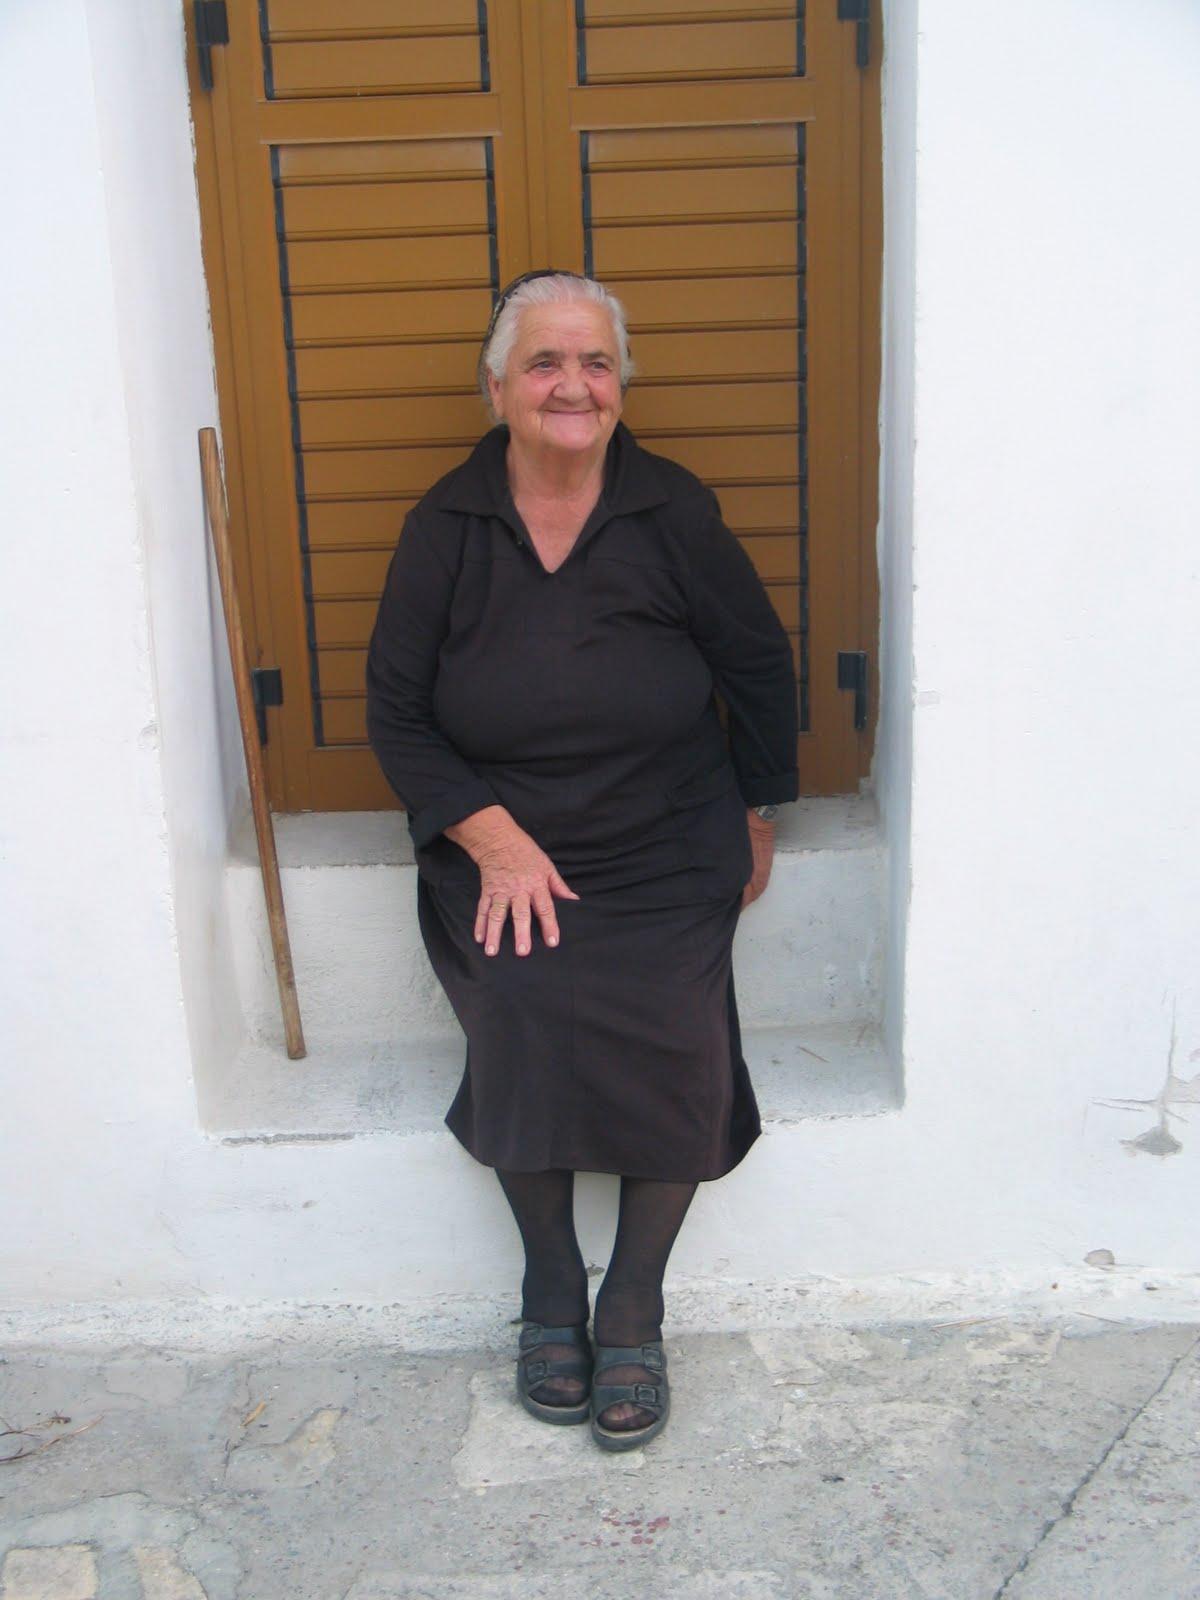 http://2.bp.blogspot.com/_8nS_dGonIB8/TB9qkspeM0I/AAAAAAAAAm4/RNtJdq5Xb5c/s1600/village_greek_woman.jpg